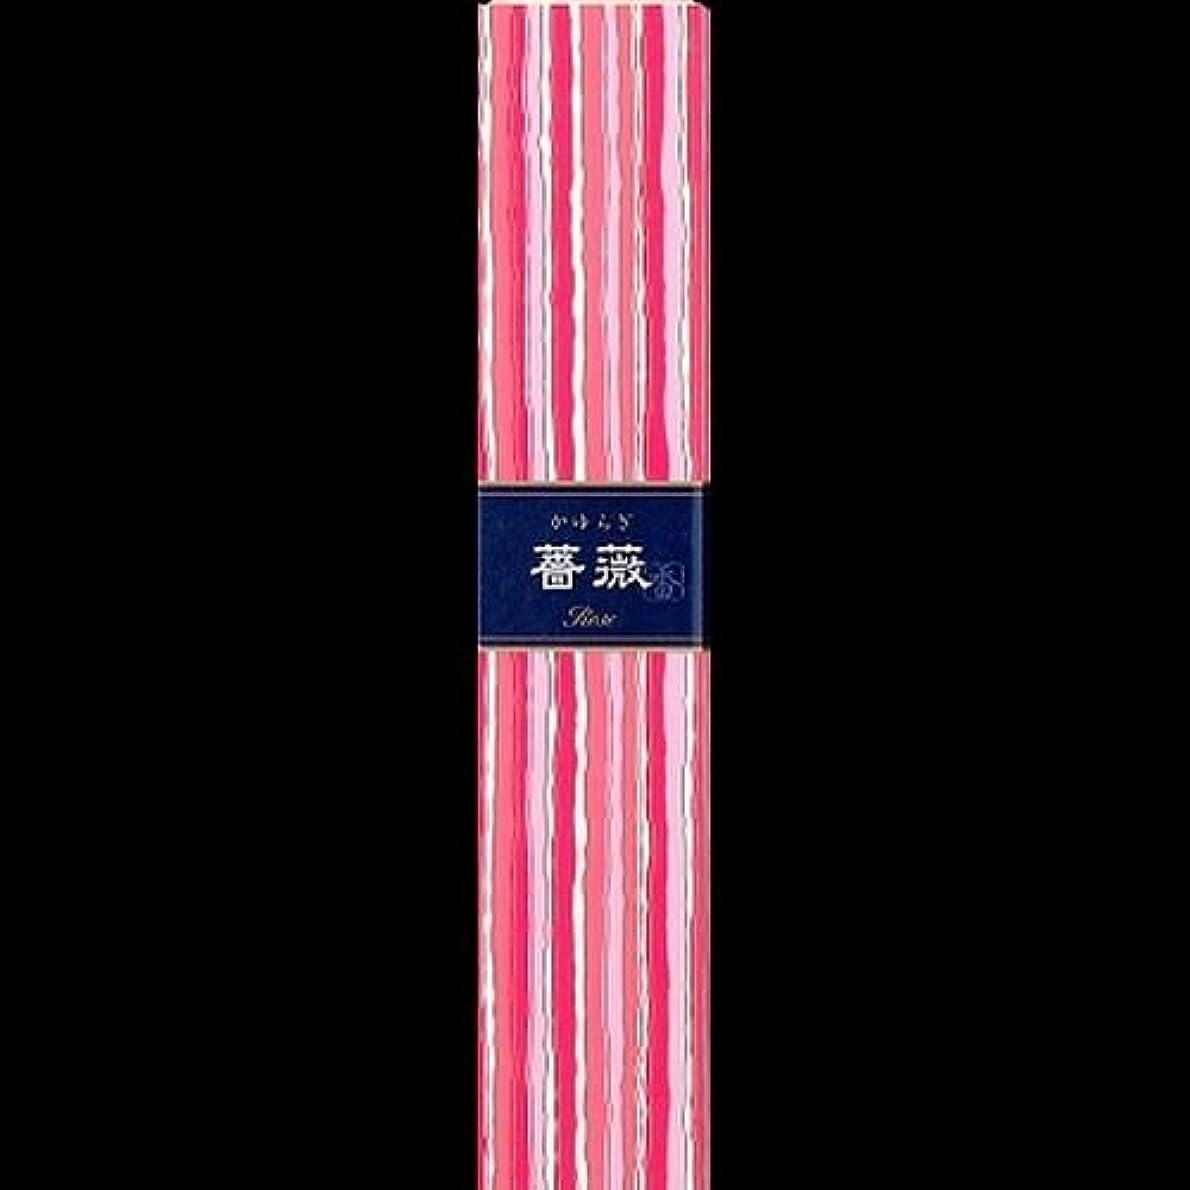 到着合わせて腐った【まとめ買い】日本香堂 かゆらぎスティック 薔薇 ×2セット